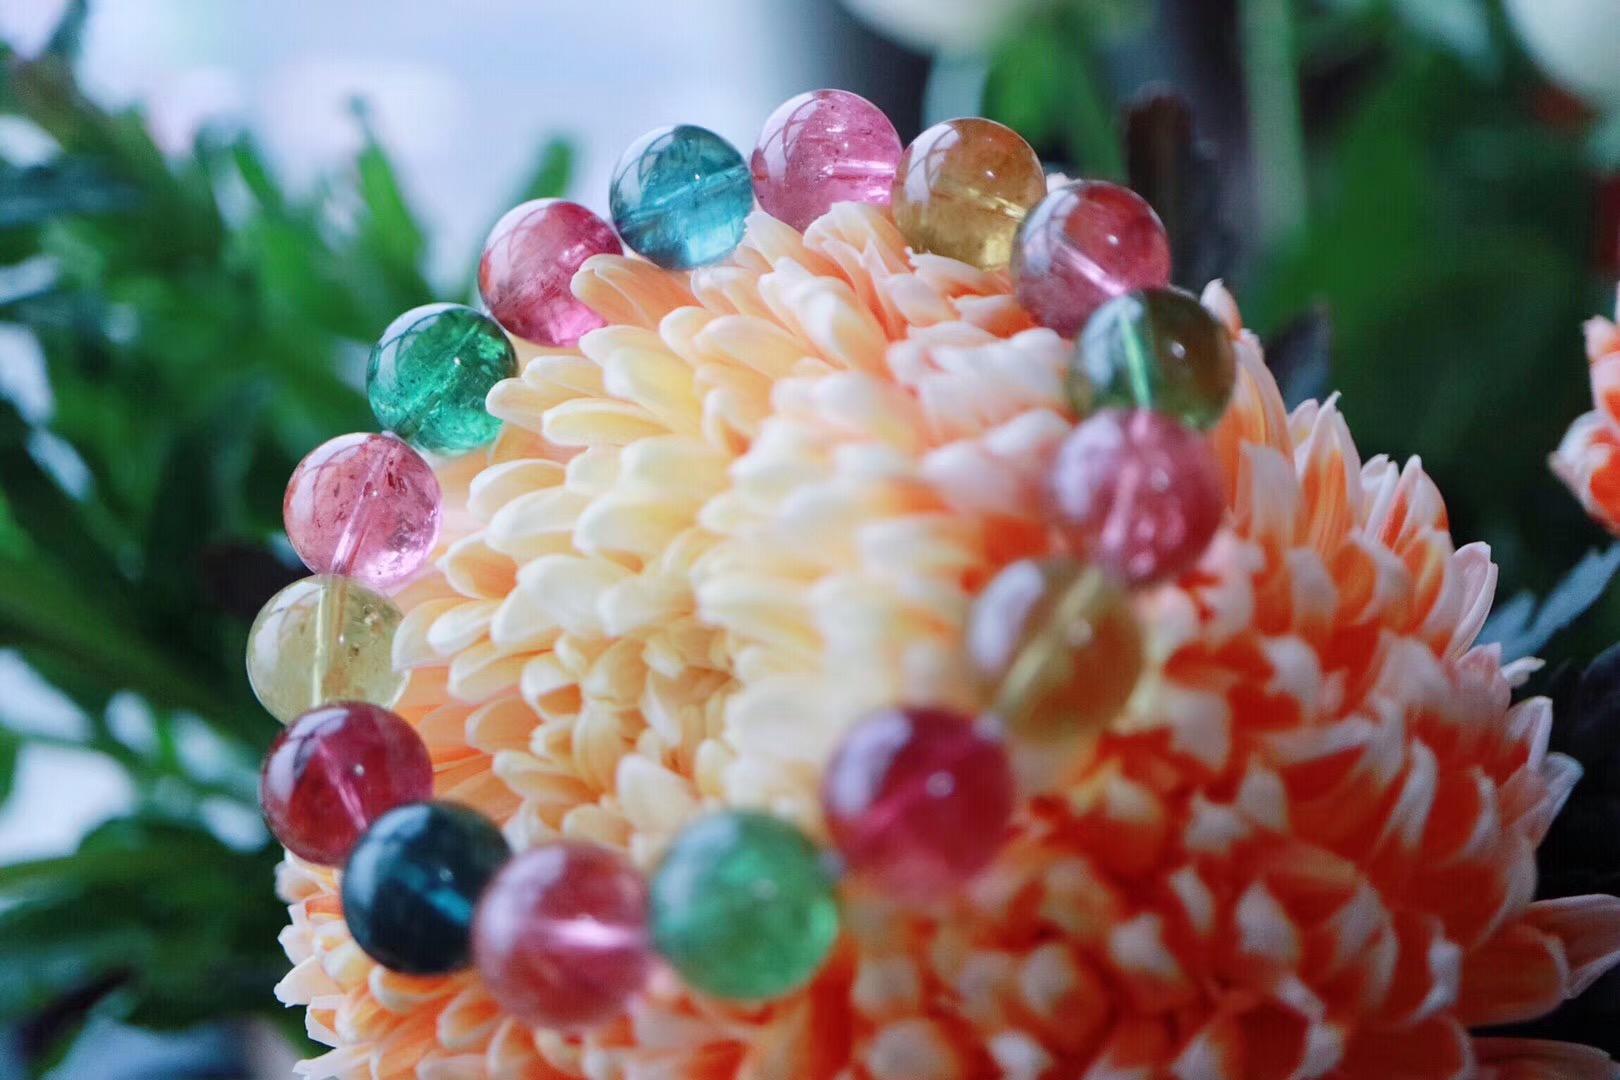 【菩心   碧玺】碧玺的气质,在彩色宝石中尤为惊艳-菩心晶舍